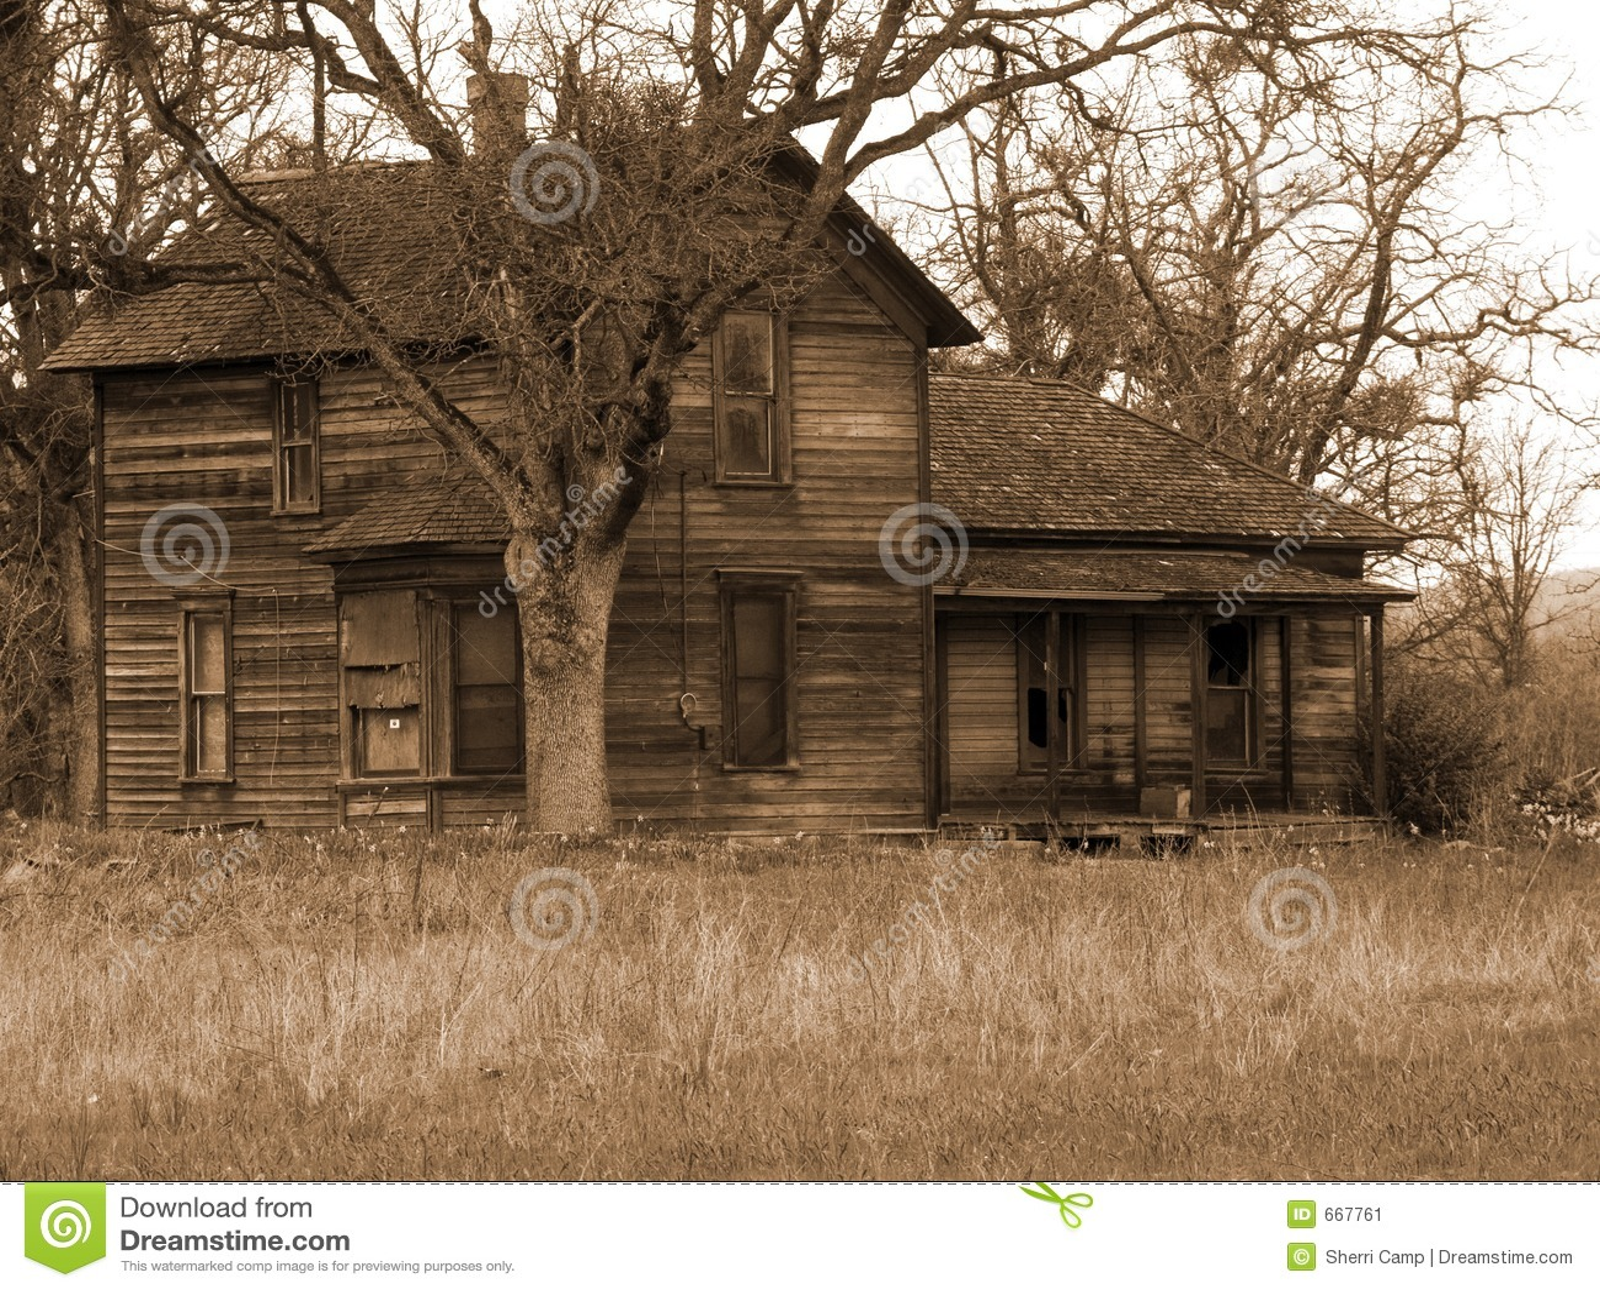 Old Run Down Farm House